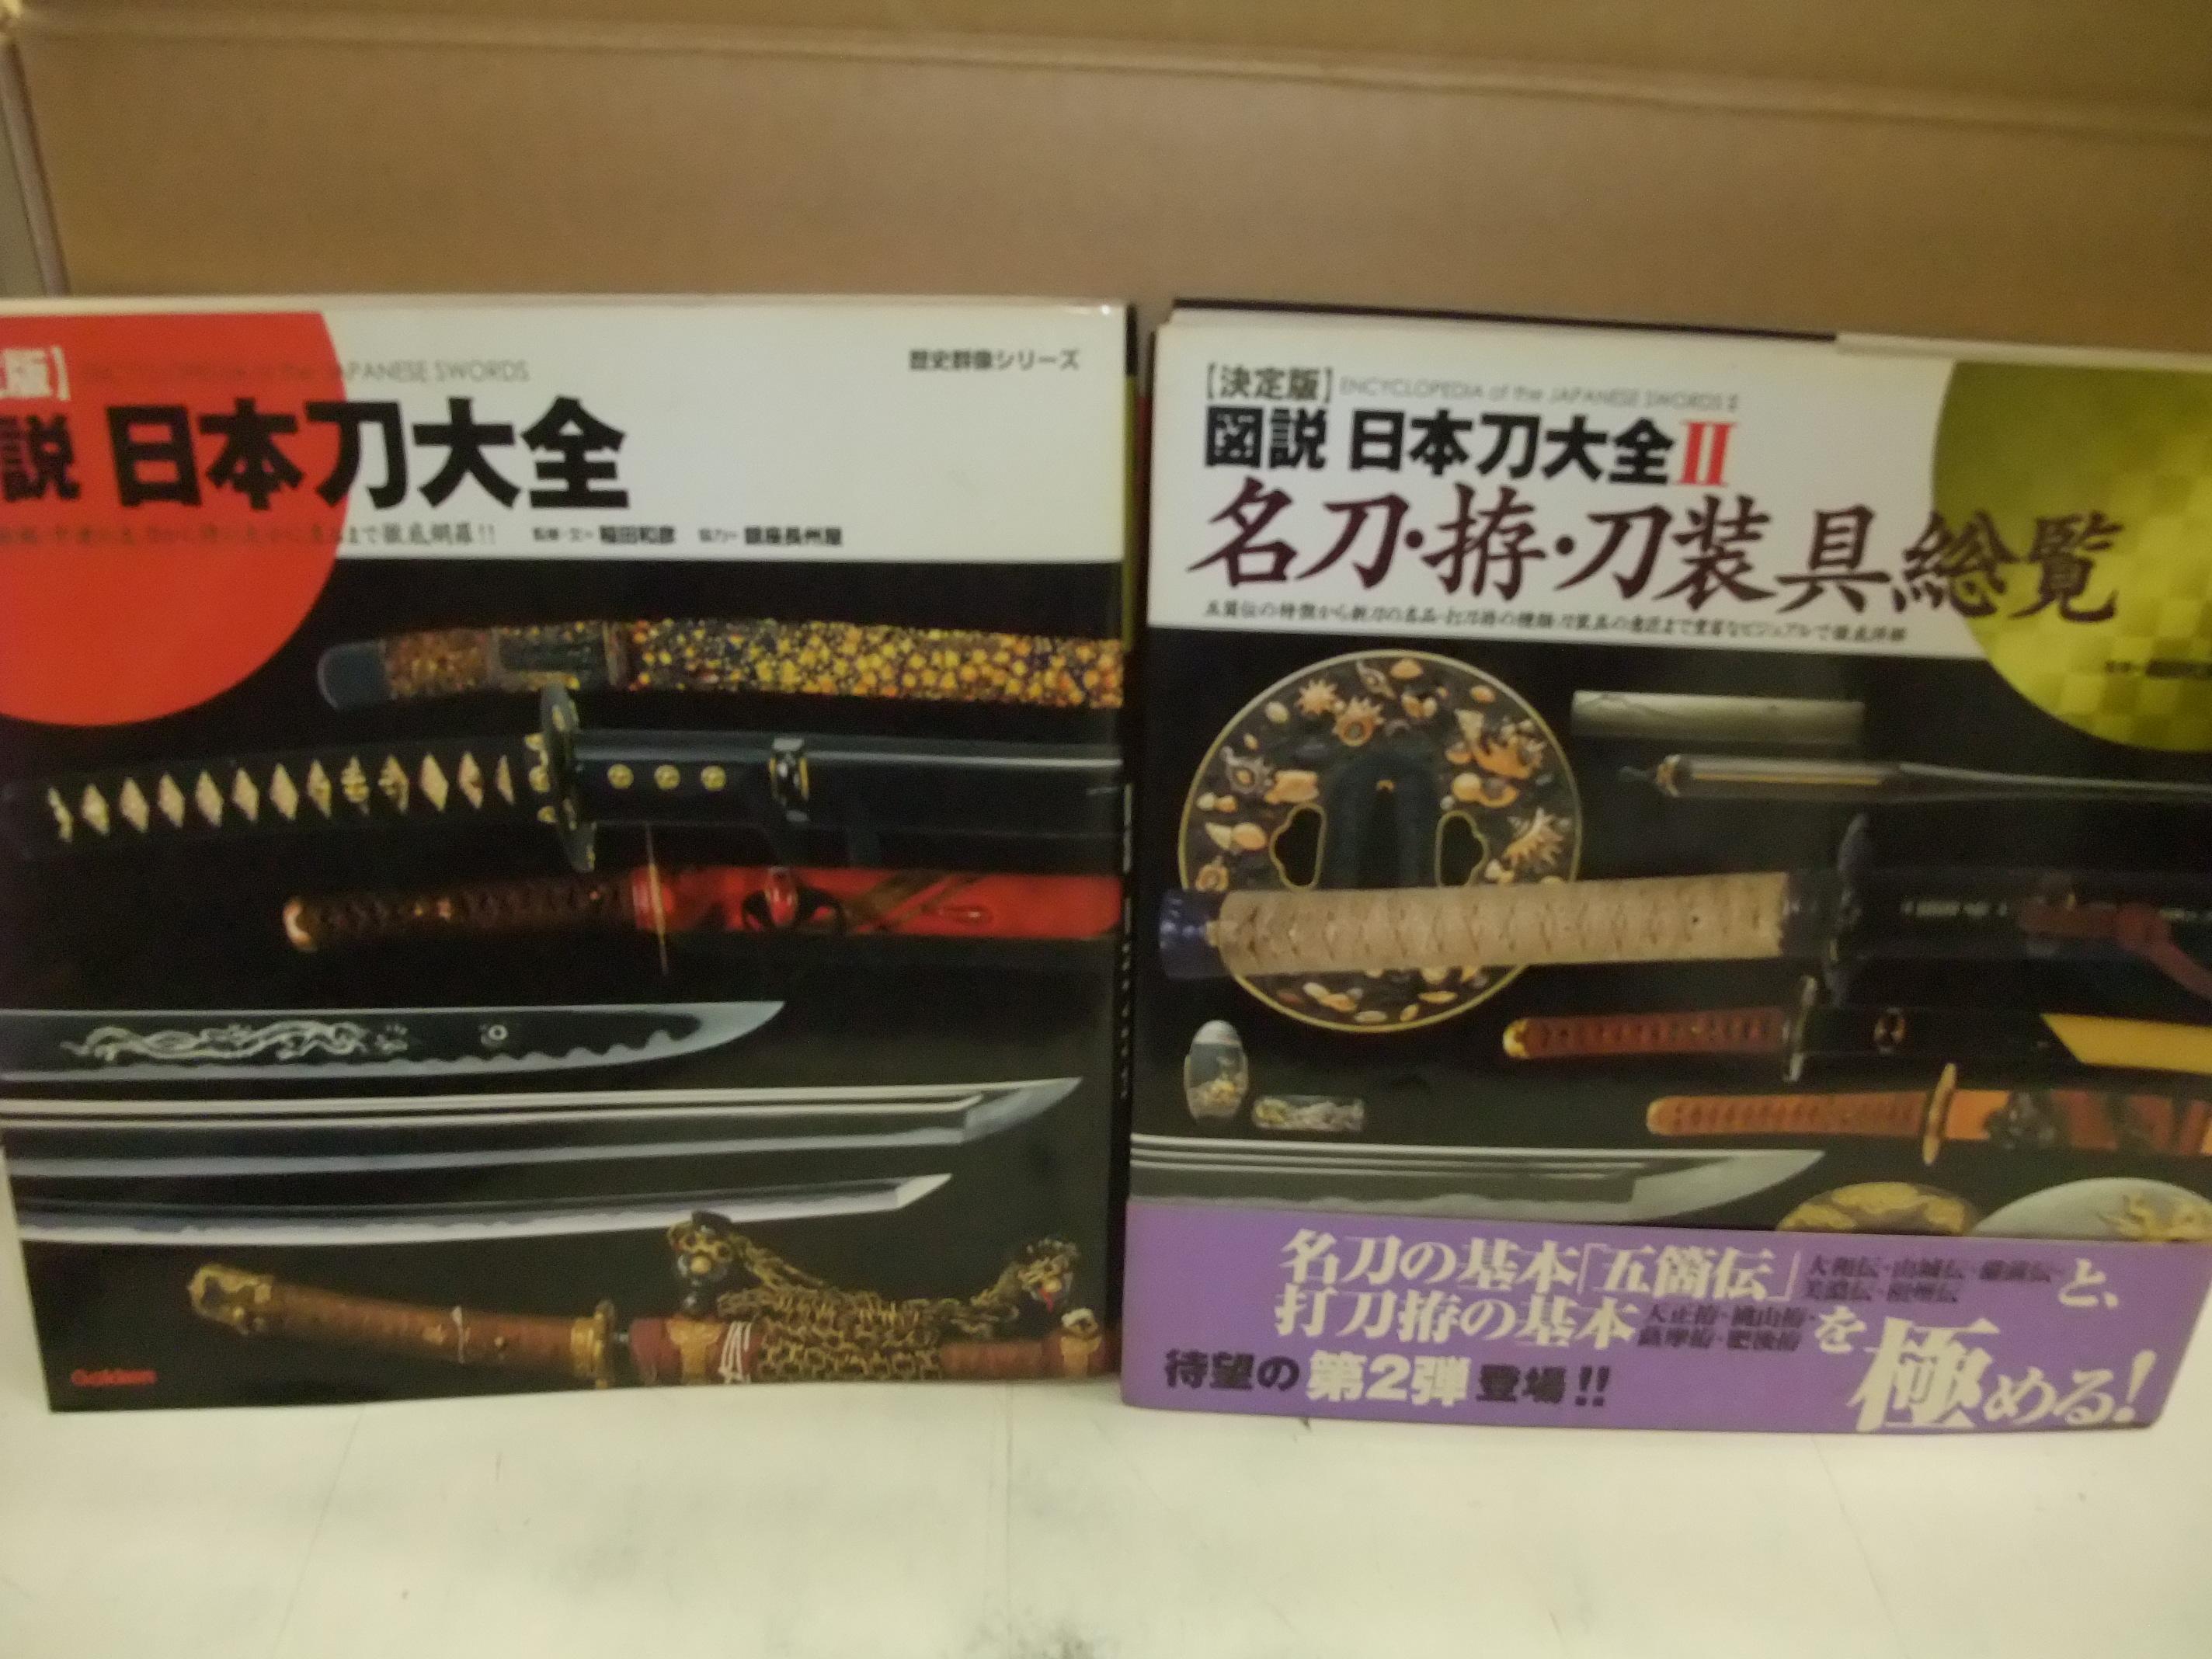 静岡市清水区 出張買取 歴史群像「図説・日本刀大全 日本の剣術」